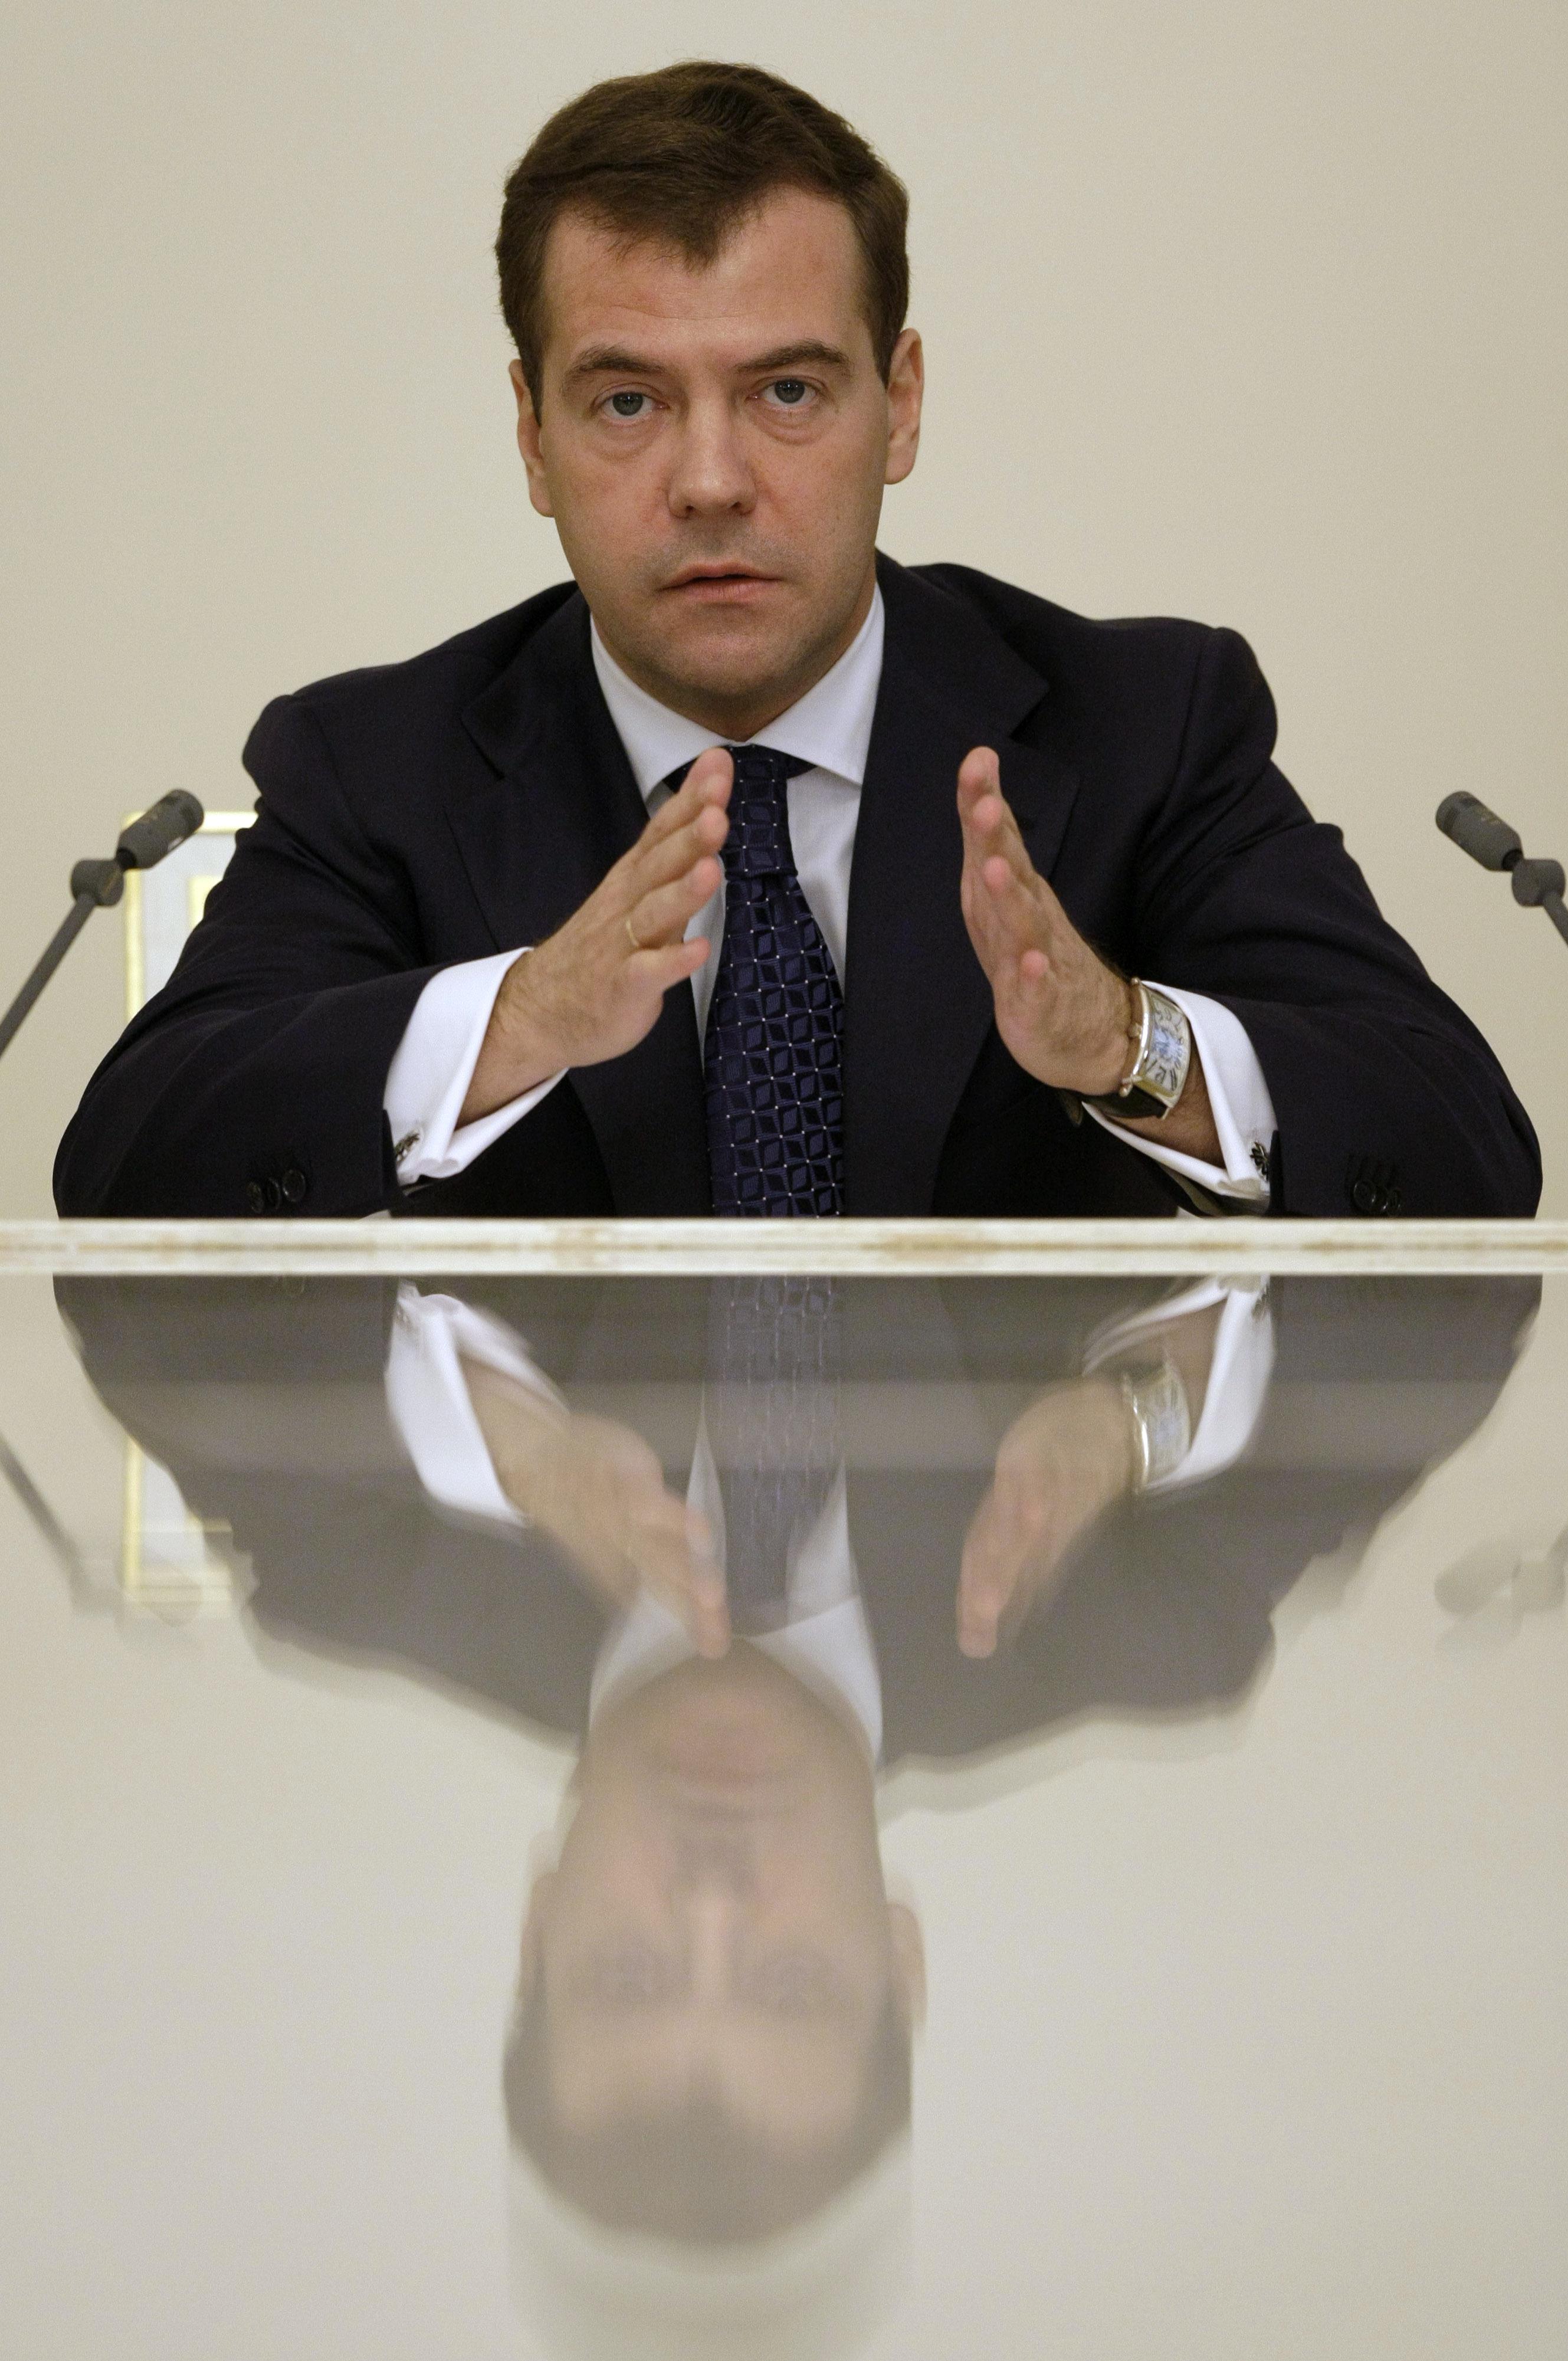 Медведев прогнозирует годовую инфляцию в РФ ниже 13%